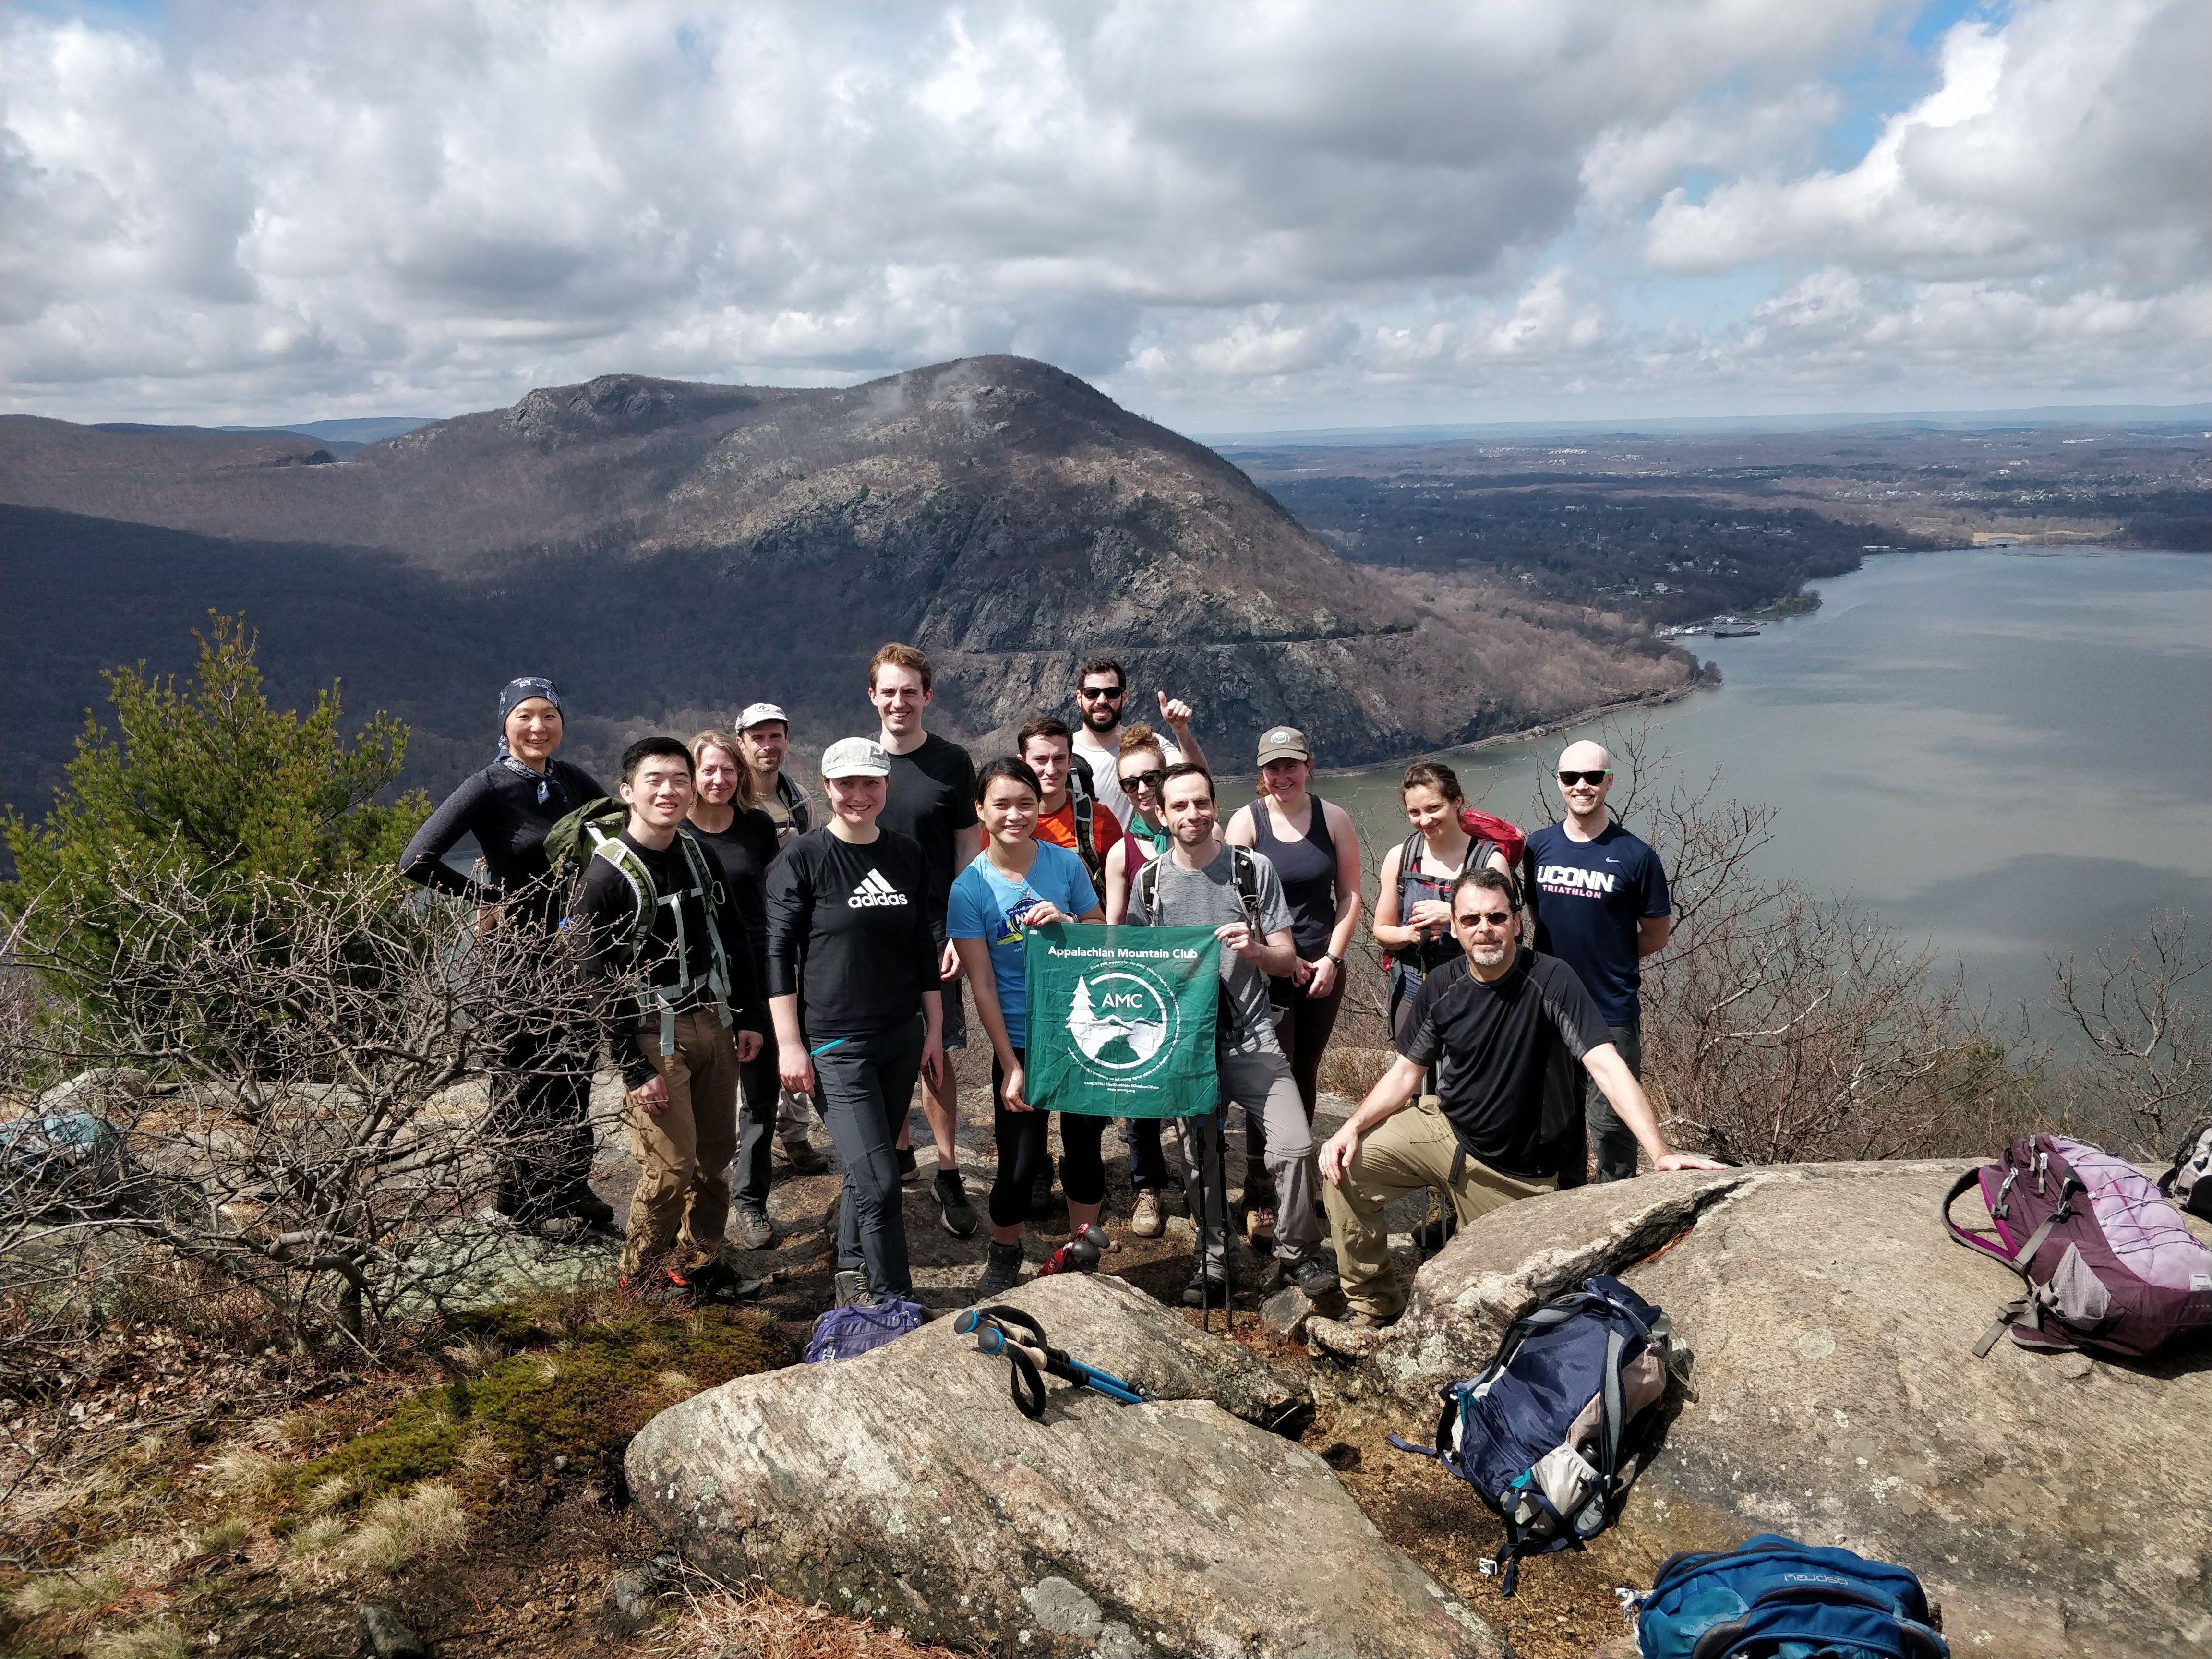 Appalachian Mountain Club - Young Members